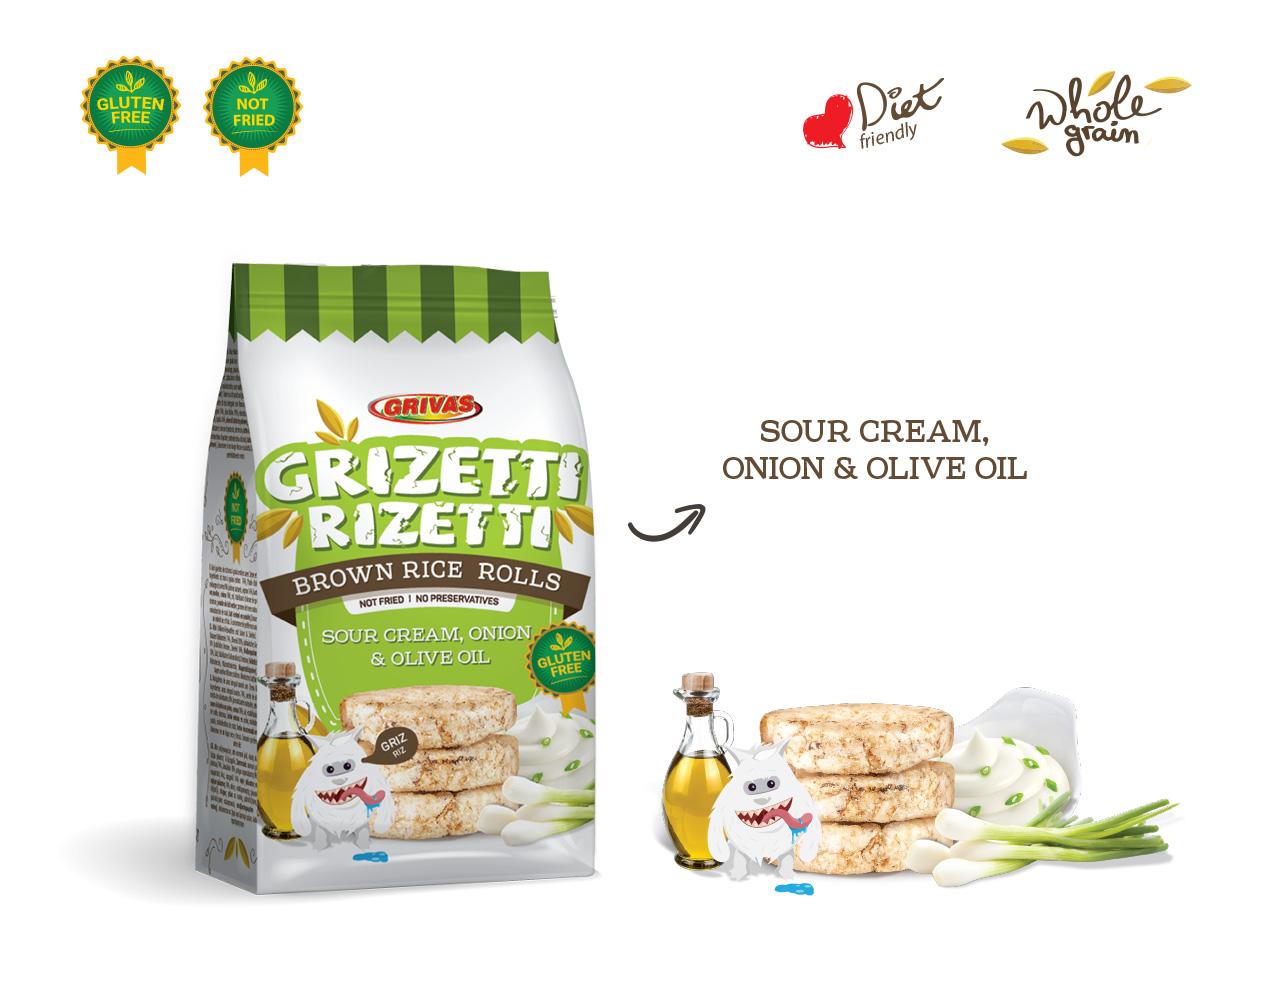 Grizetti-sour-cream